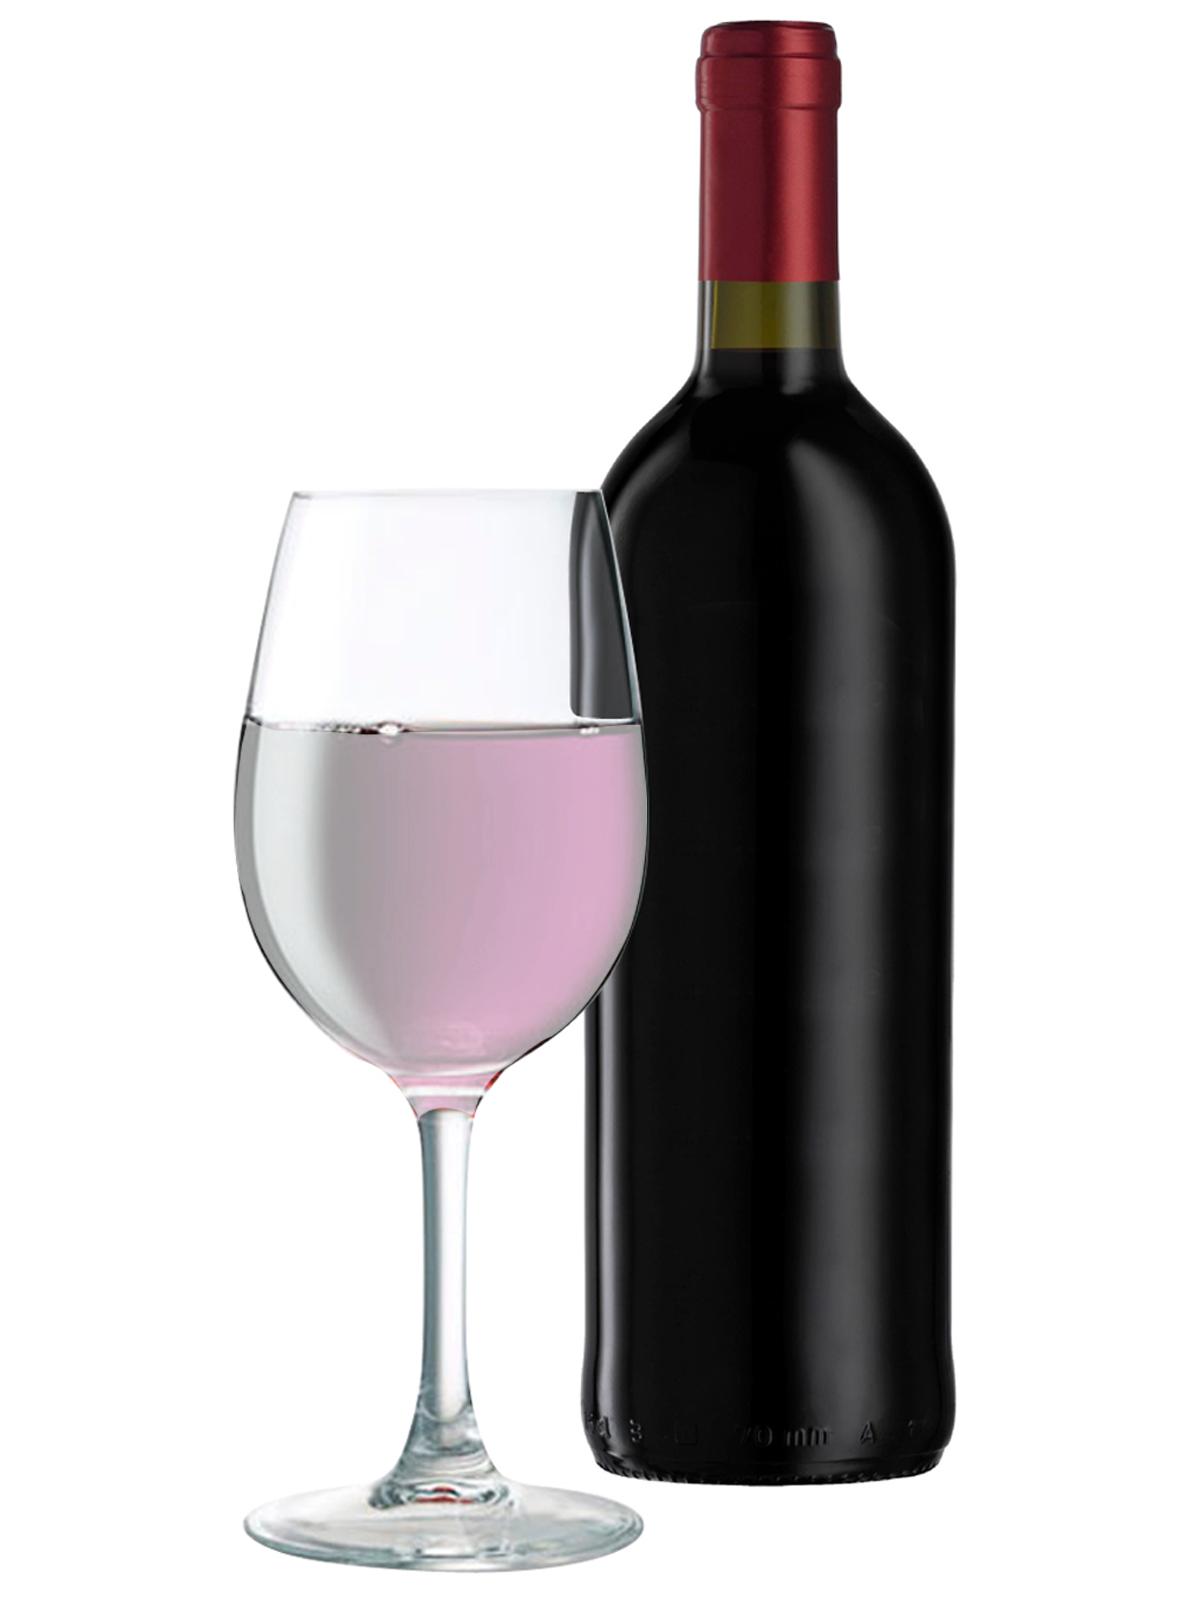 ไวน์ผลไม้ลูกหม่อน [ชนิดขวด]